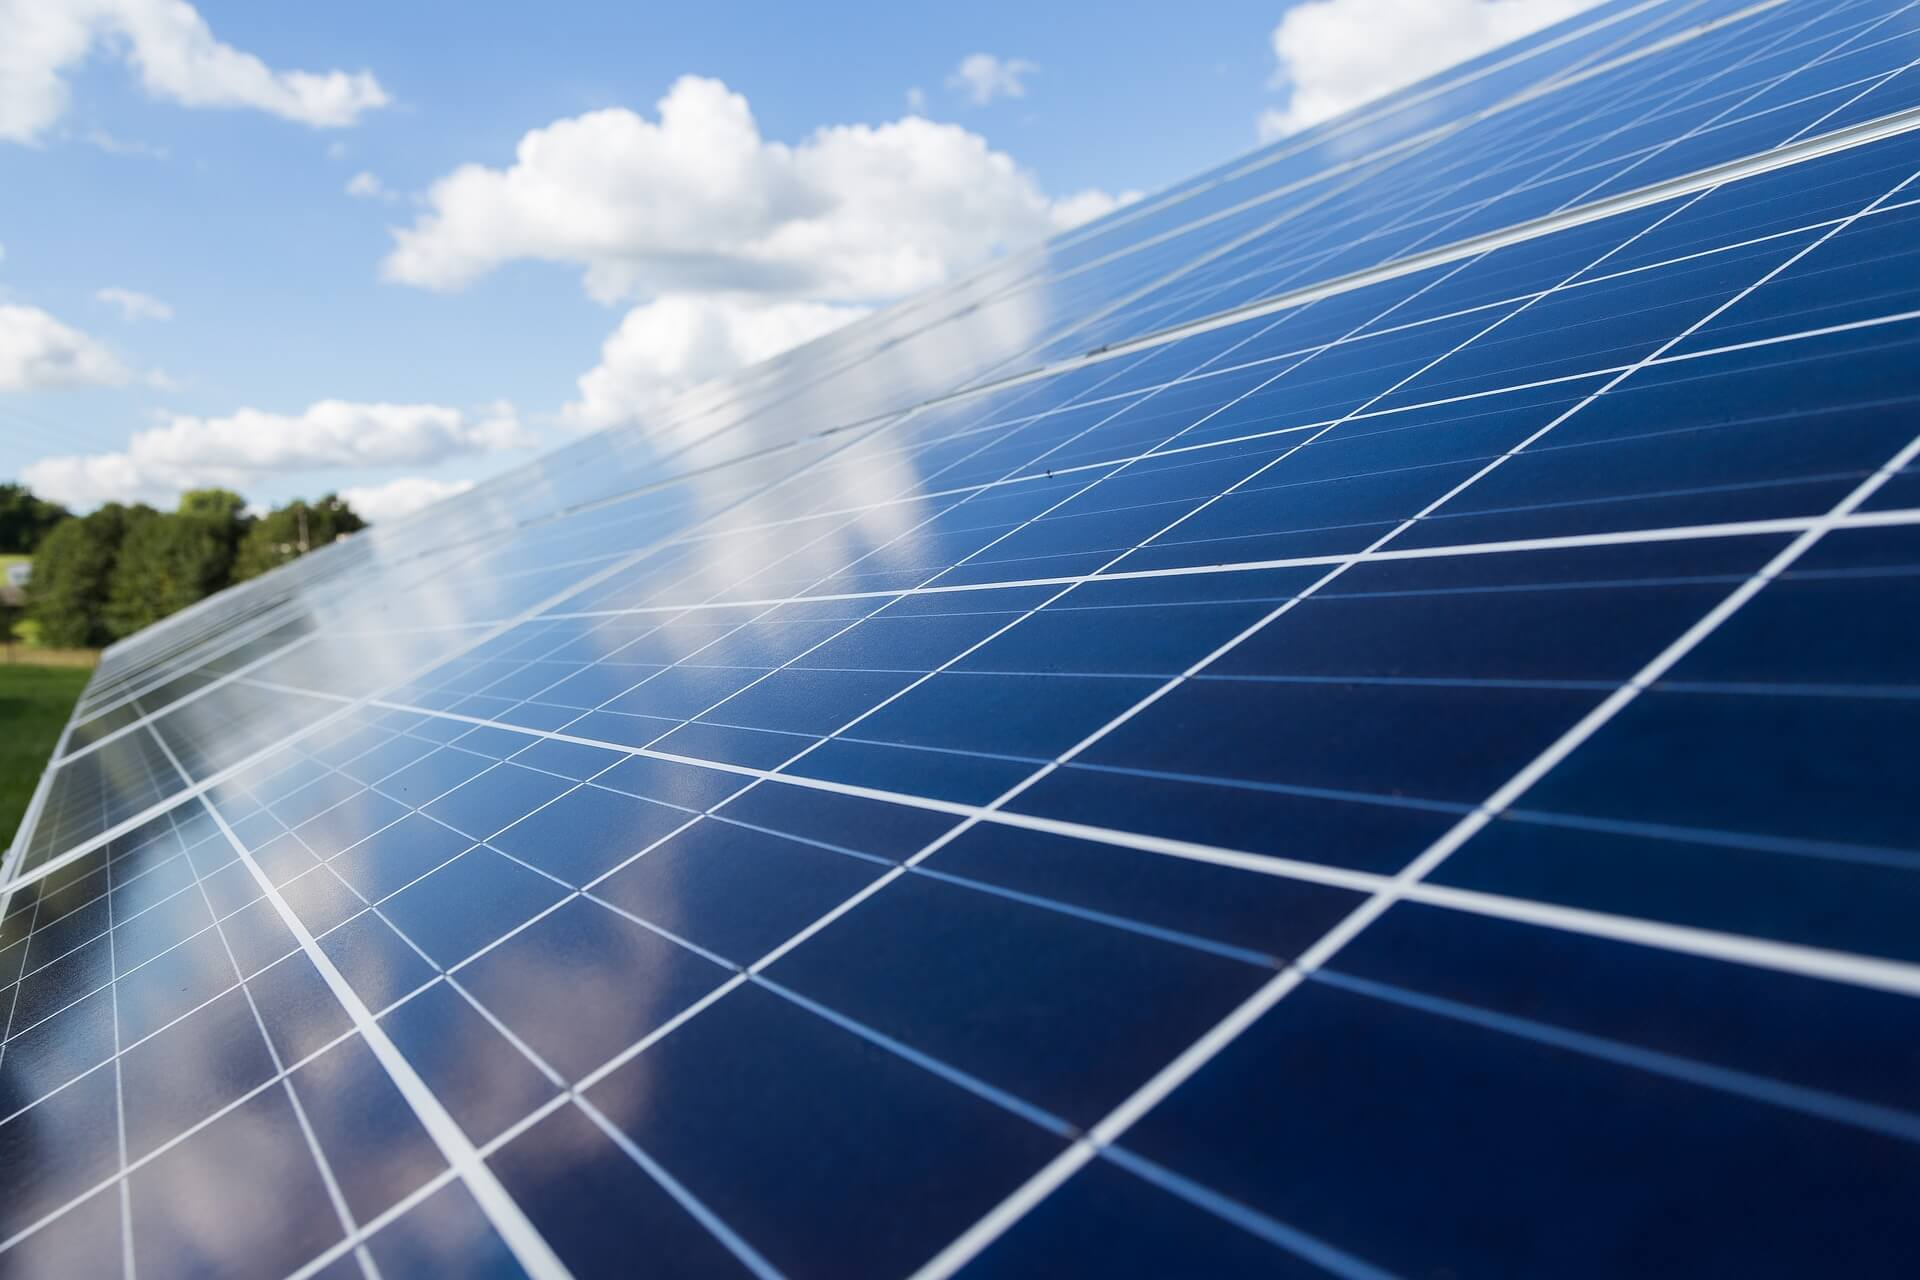 erg-solare.jpg